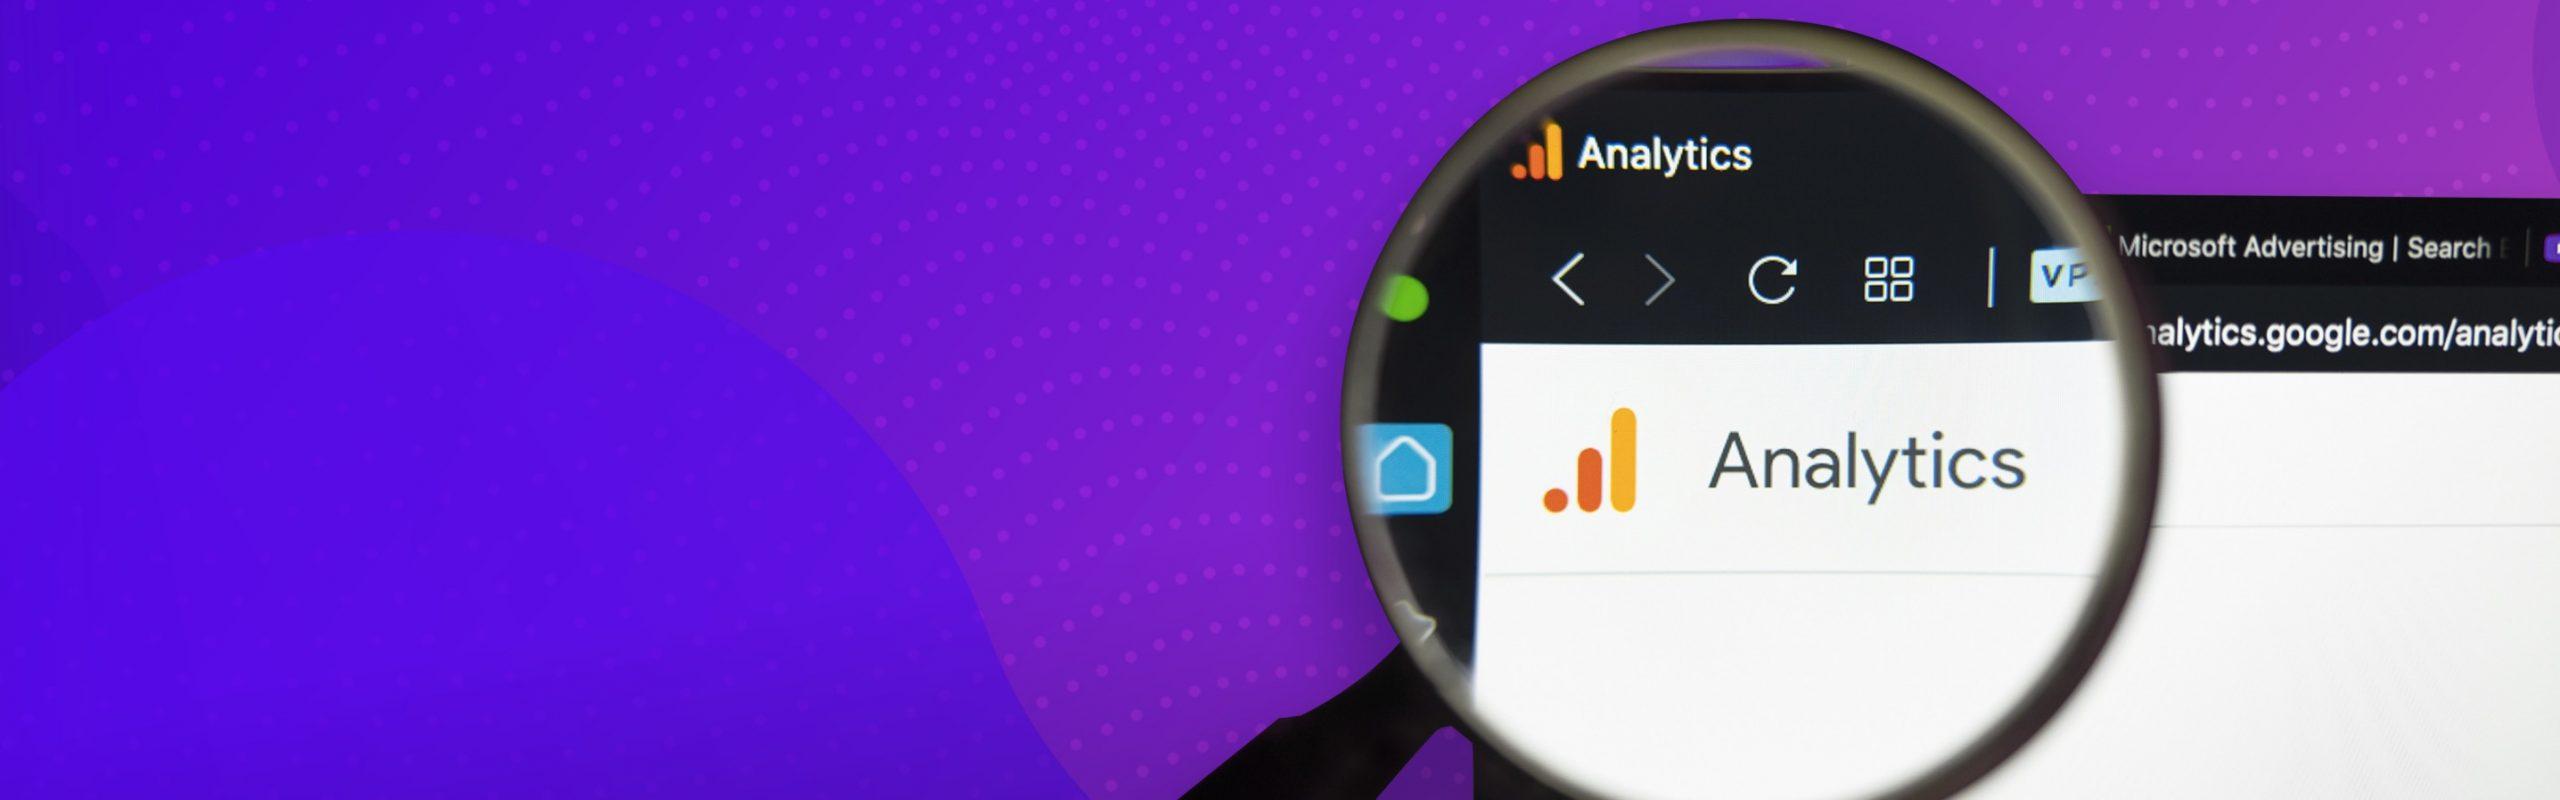 Rivoluzione Google Analytics 4, un balzo in avanti per gli e-commerce